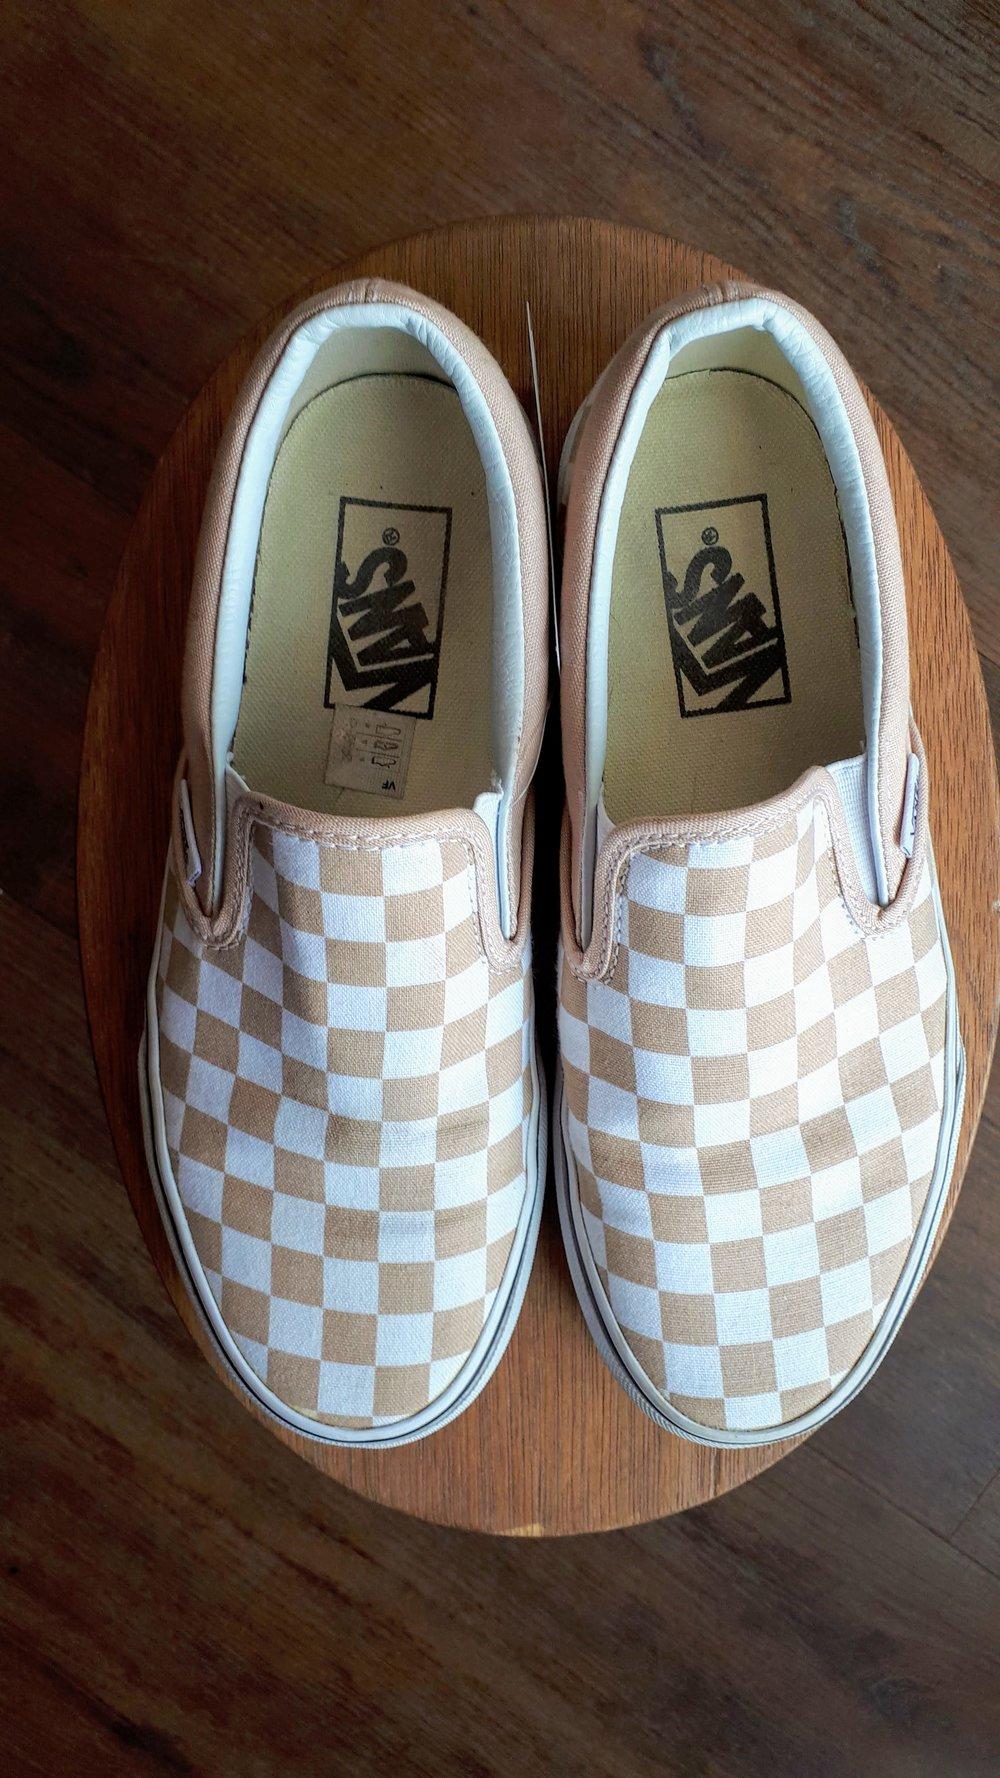 Vans shoes; S6.5, $34